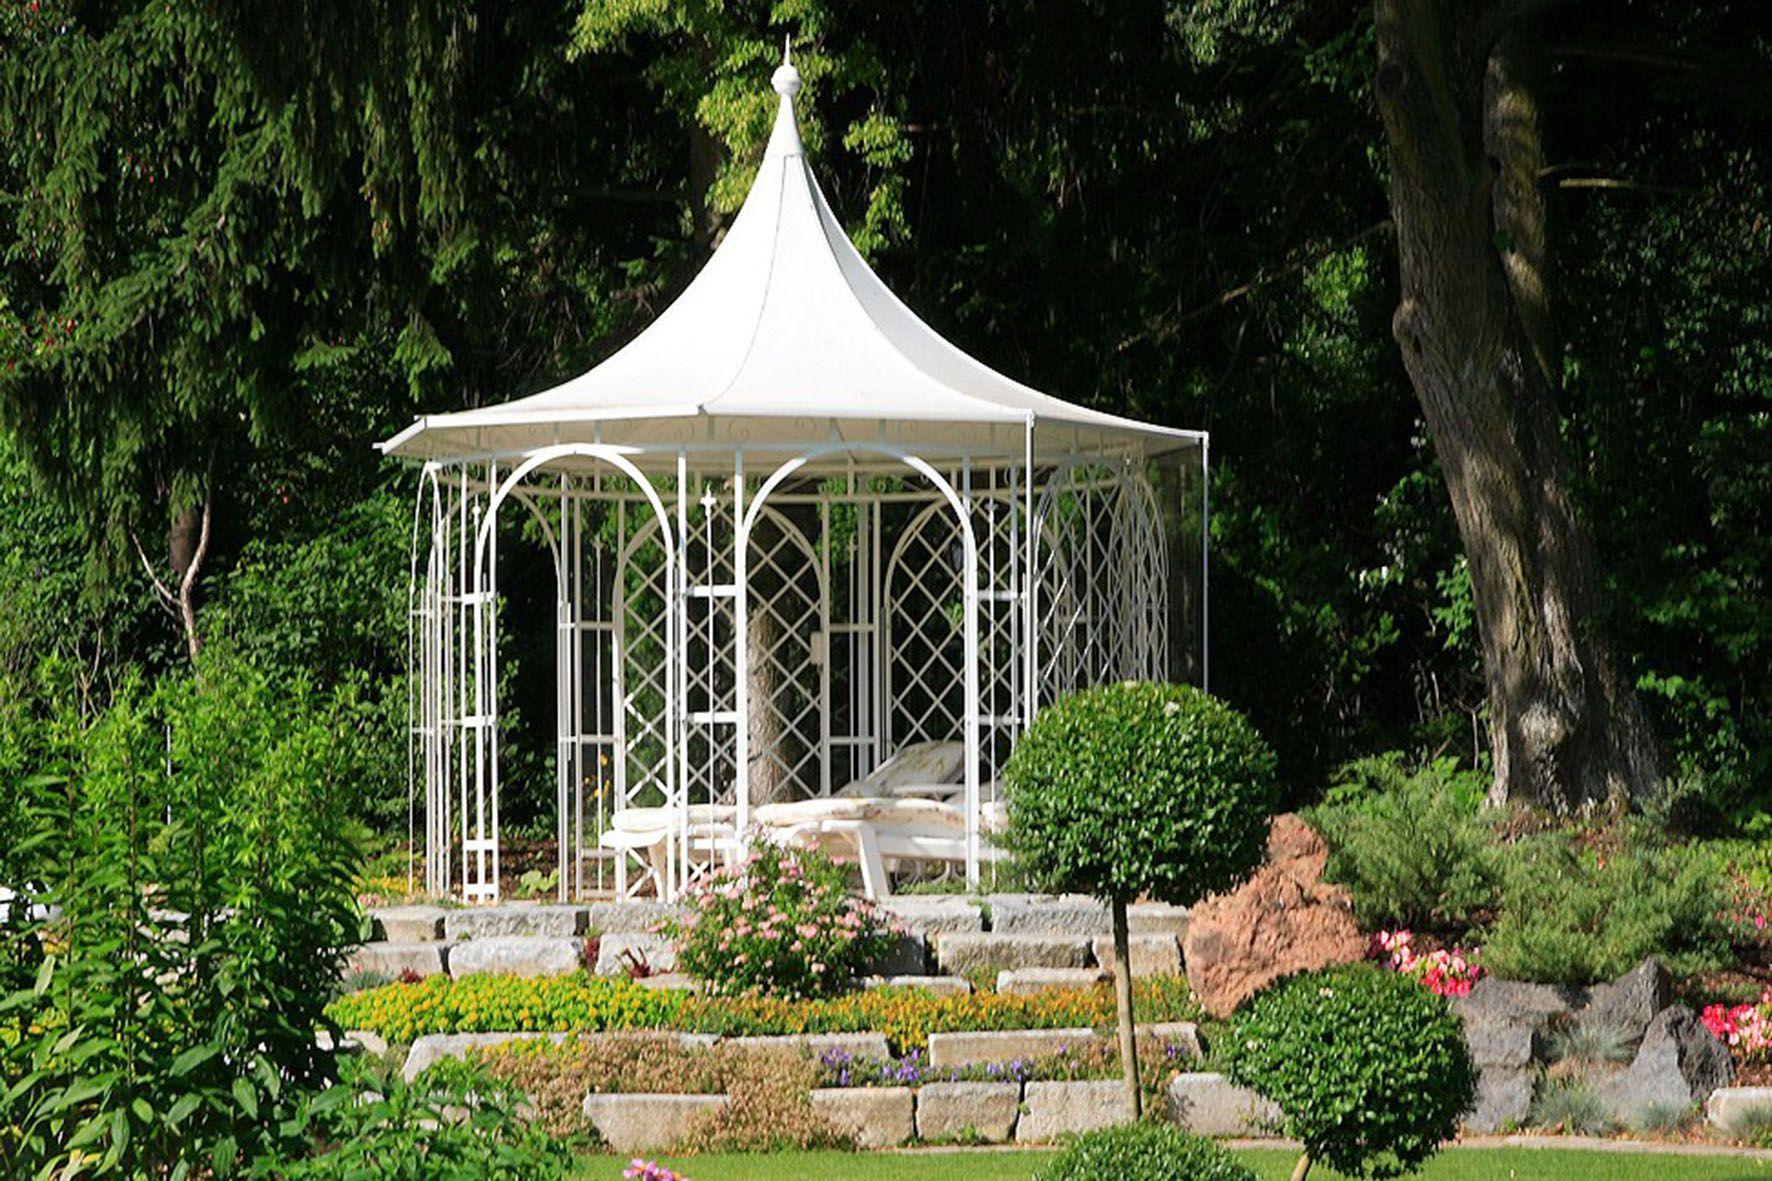 Pavillons Ein Hauch Grossburgerlicher Nostalgie Haus Und Garten Garten Garten Pavillon